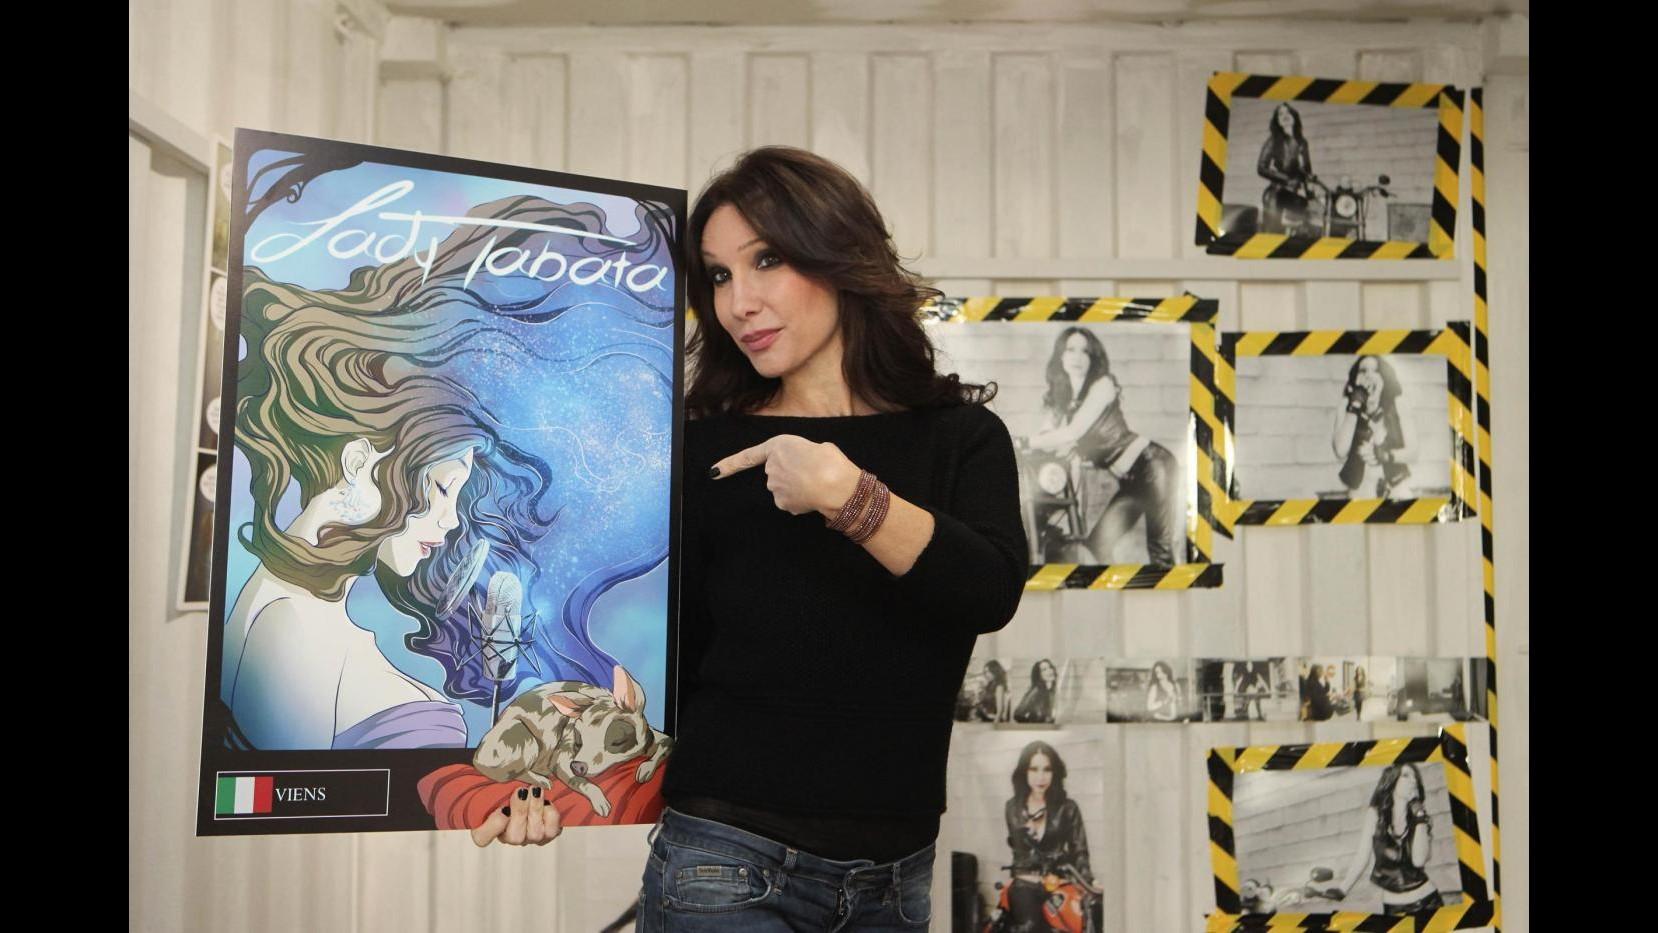 Lady Tabata eroina dei fumetti: Difendo donne e giovani